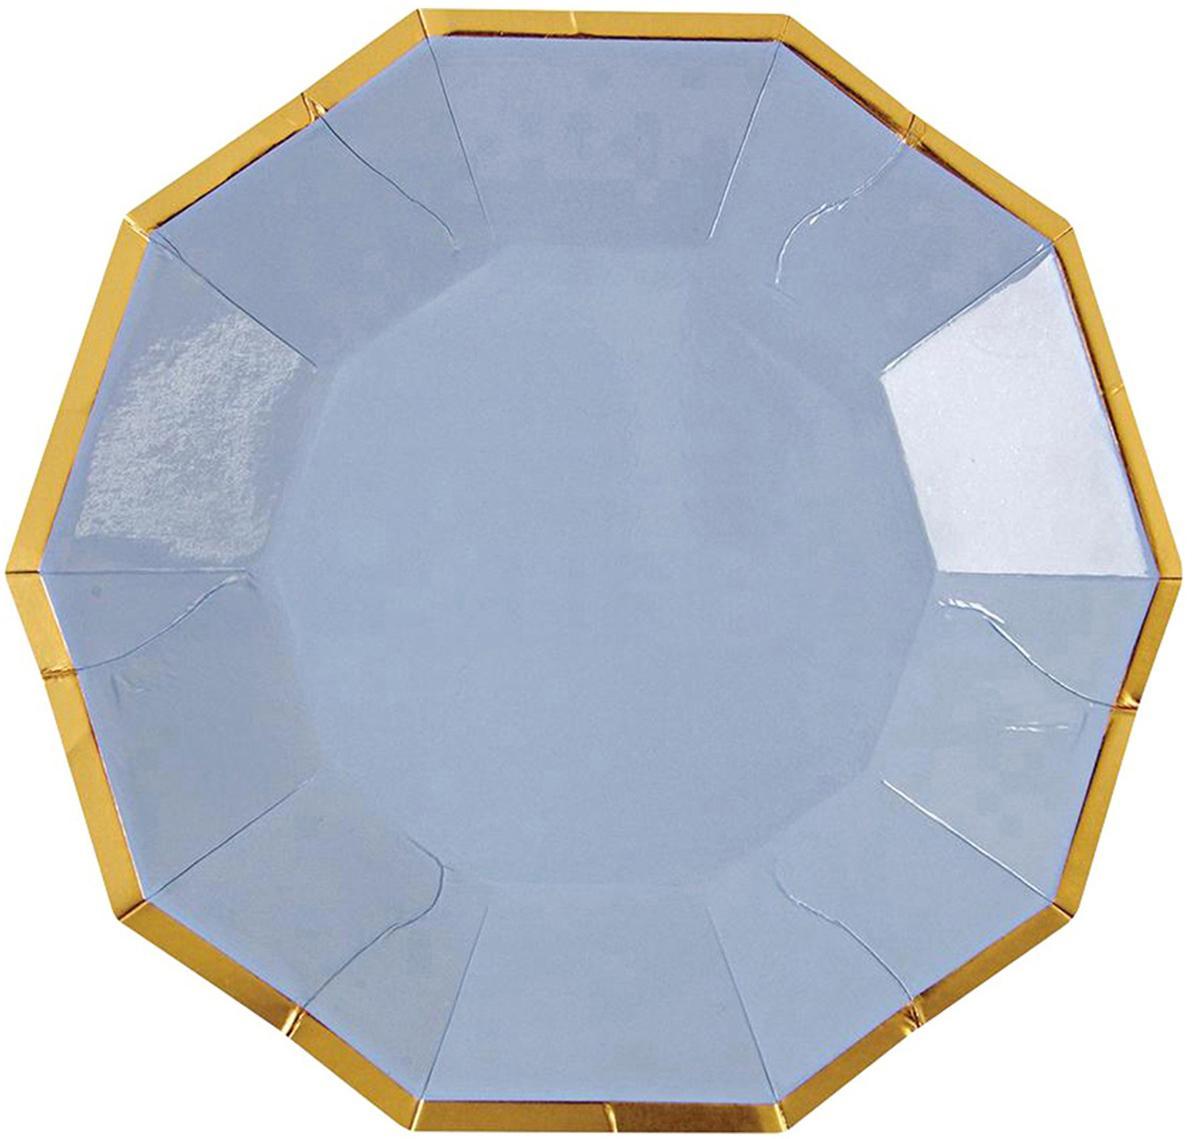 Papieren bordjes Bloom, 16 stuks, Gecoat papier, Lichtblauw, goudkleurig, 11 x 11 cm